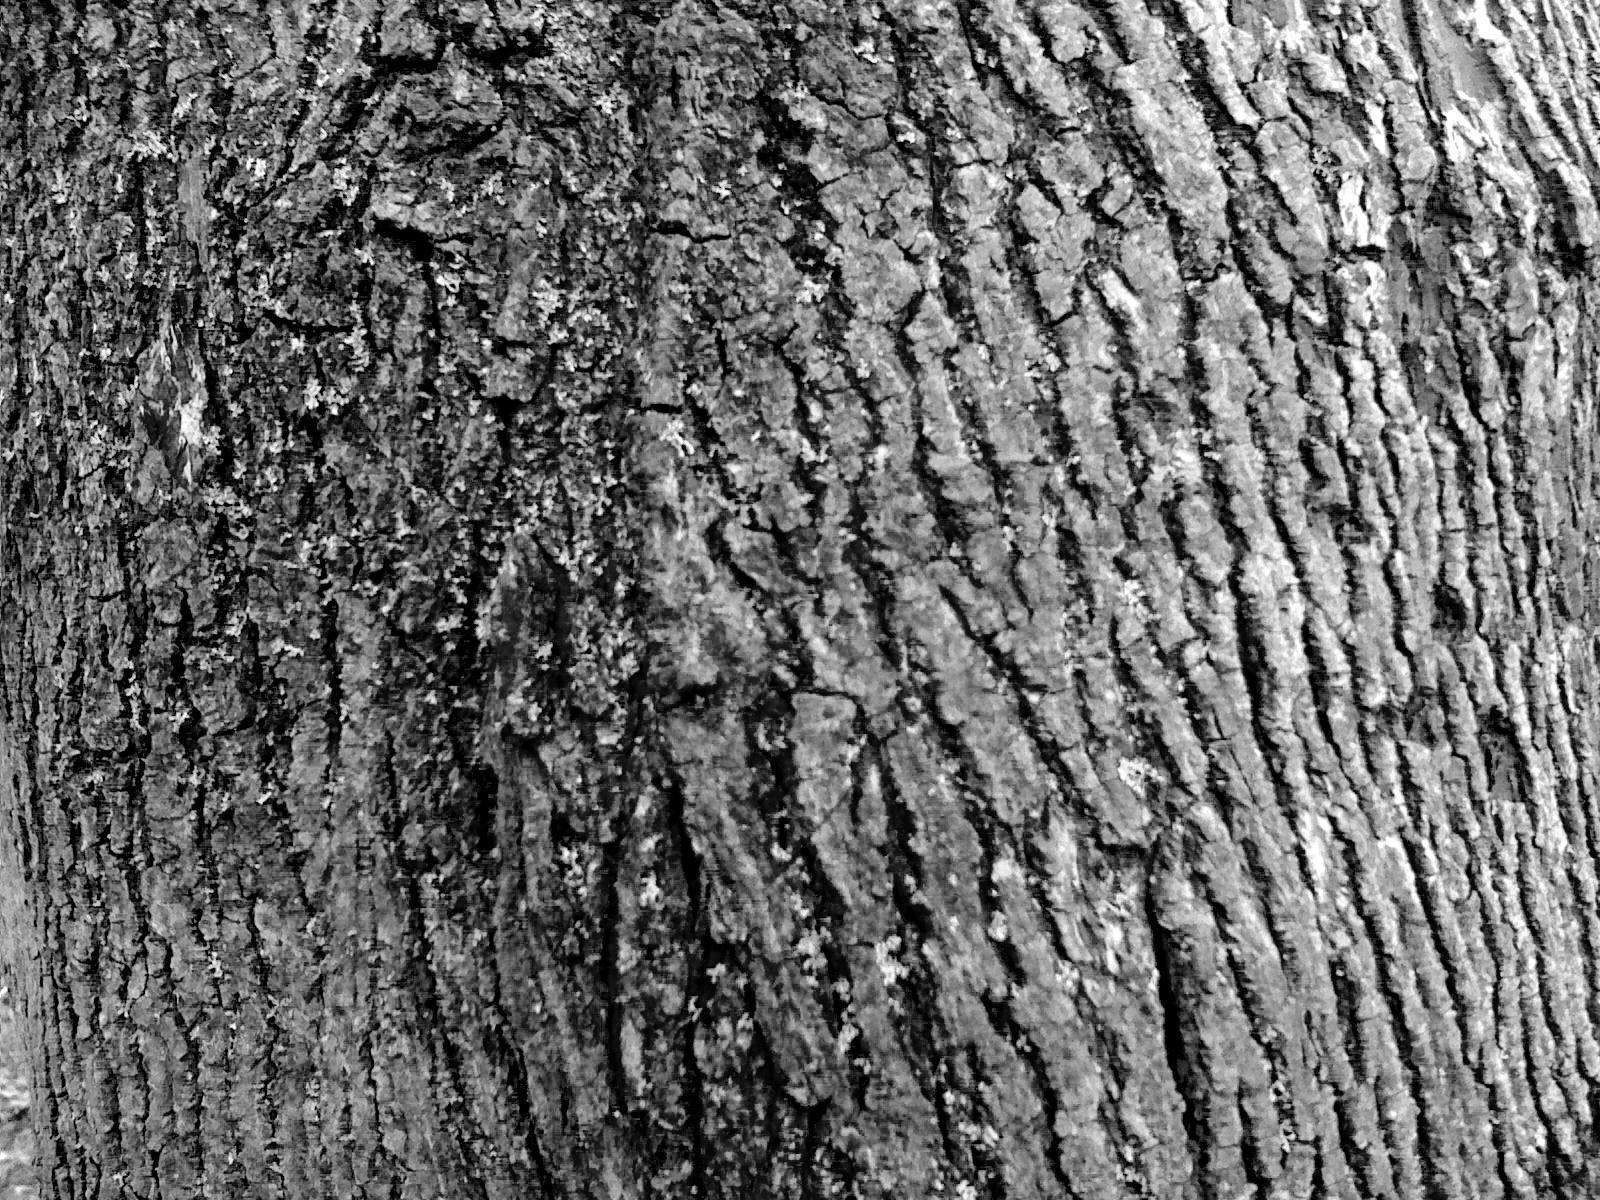 image of bark, image of bark